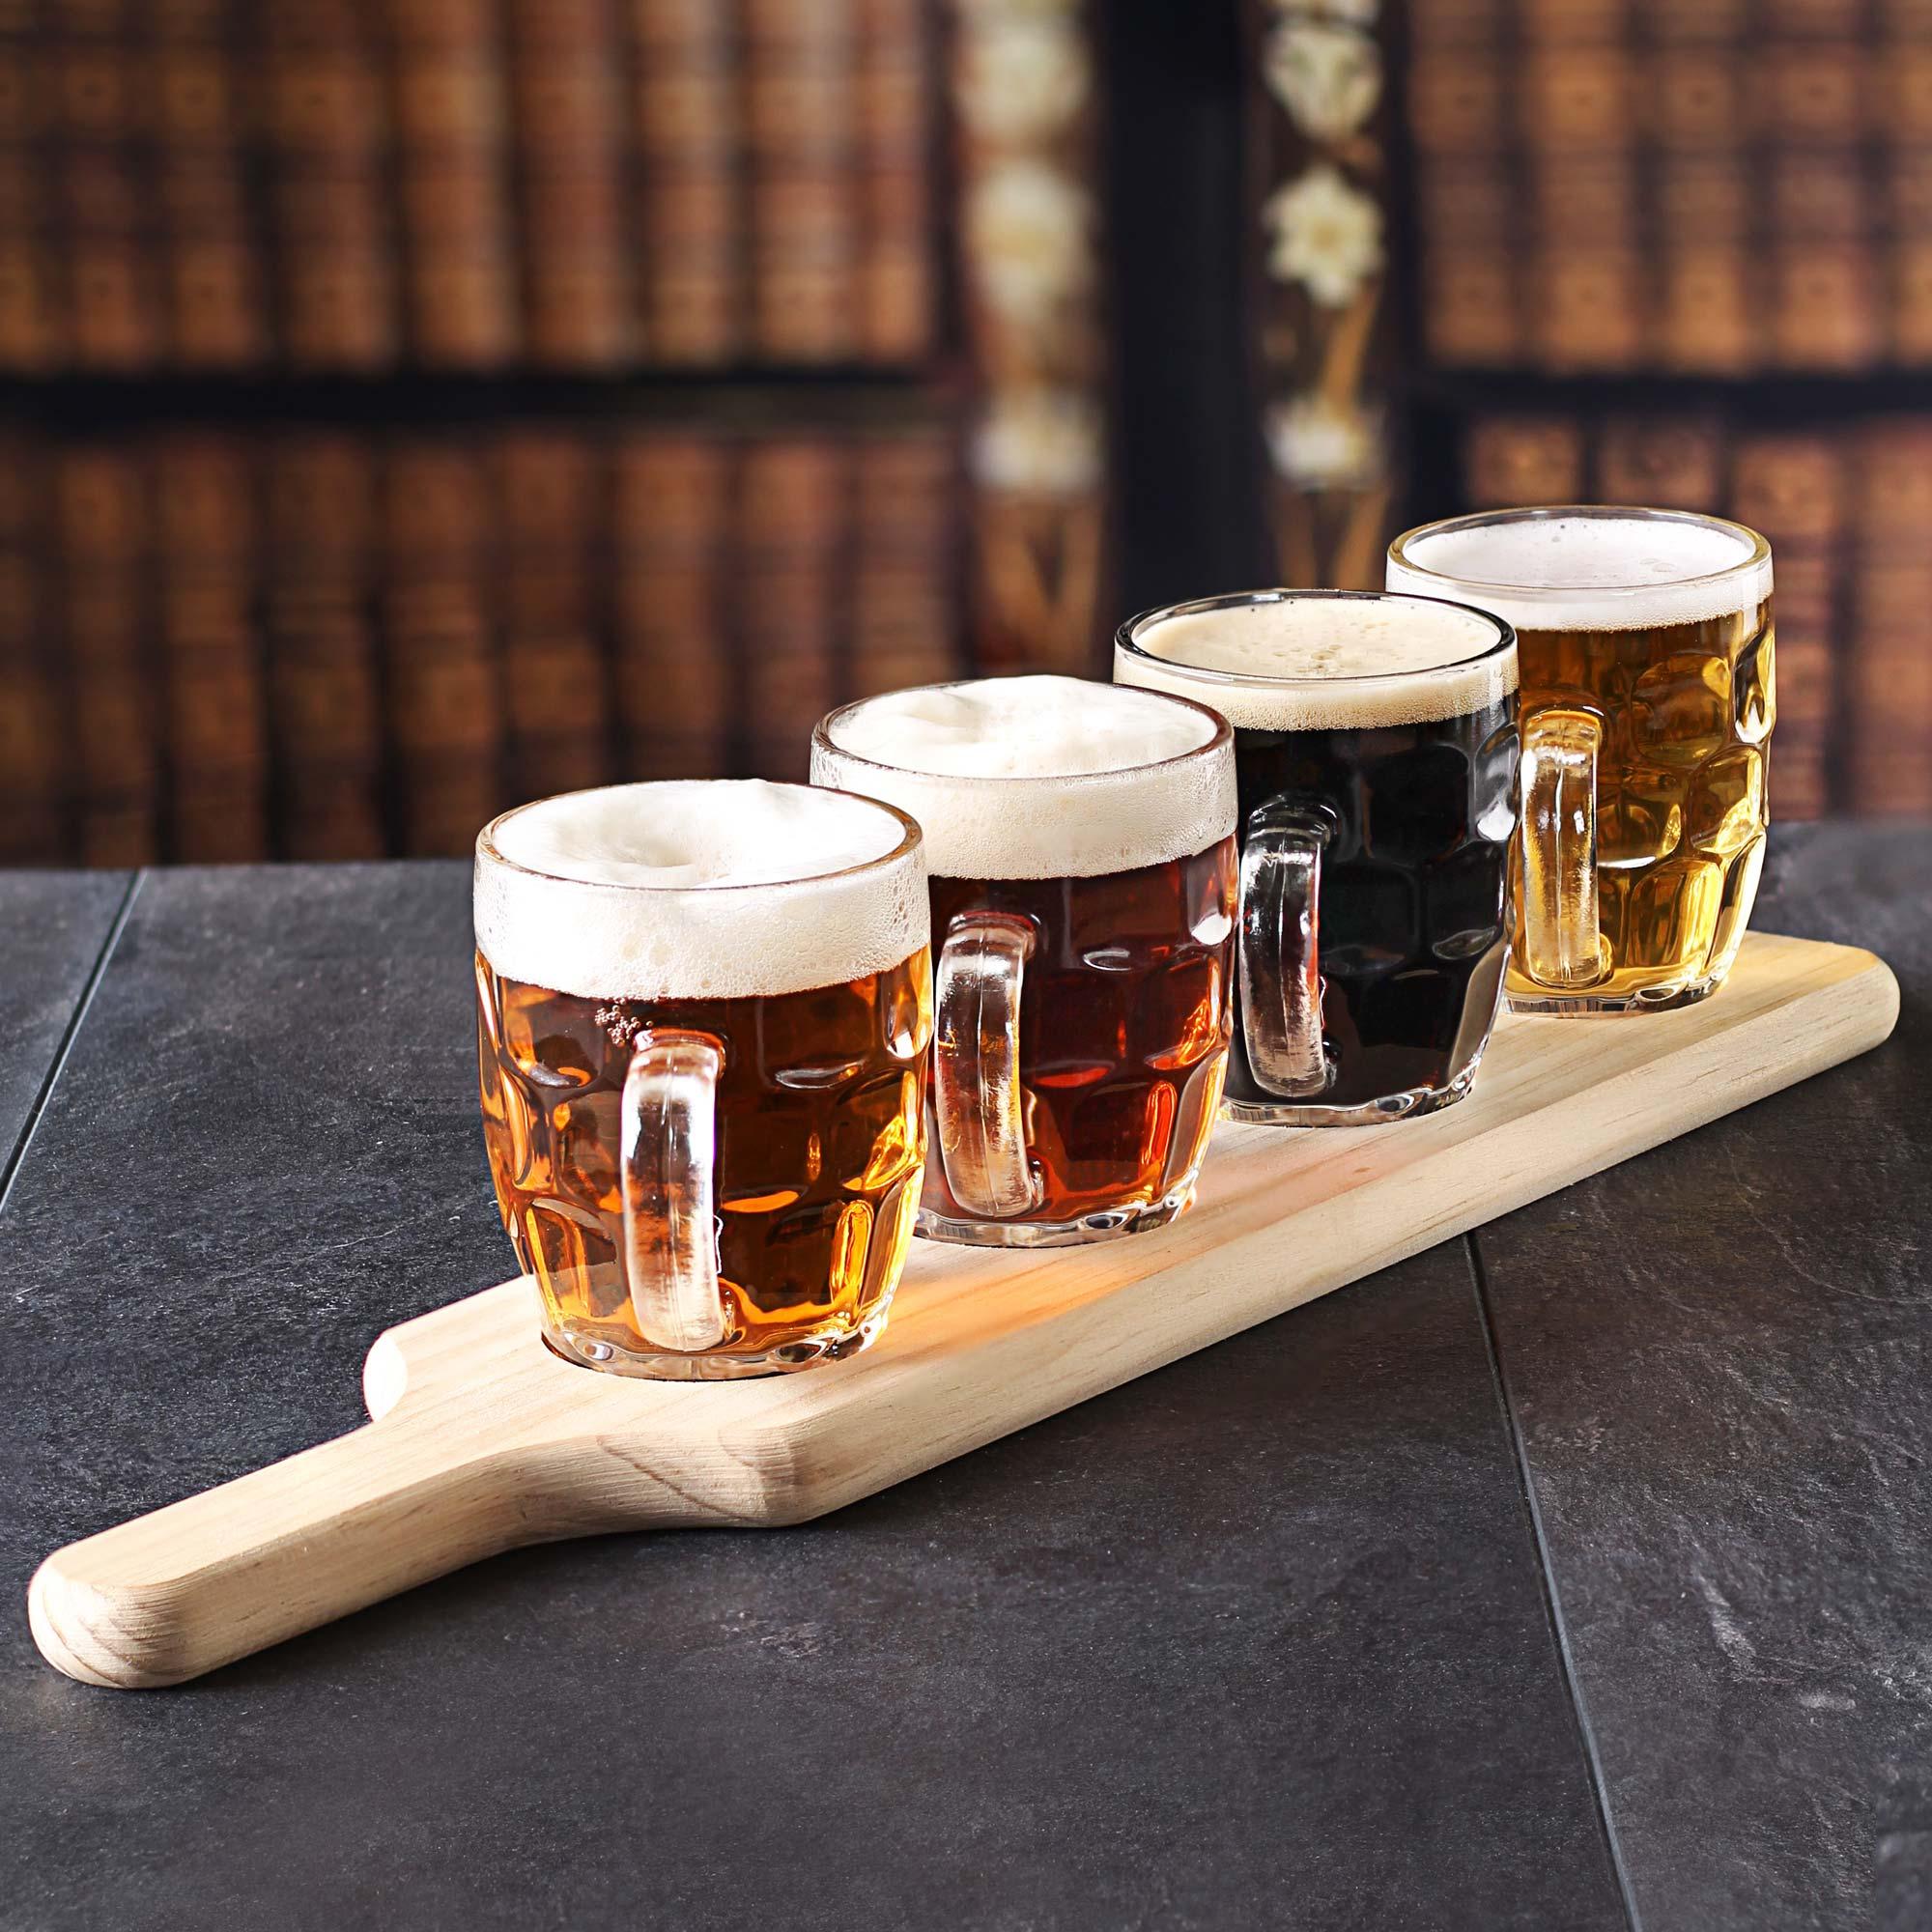 Craft beer flight 5 piece tasting set for Take craft beer back